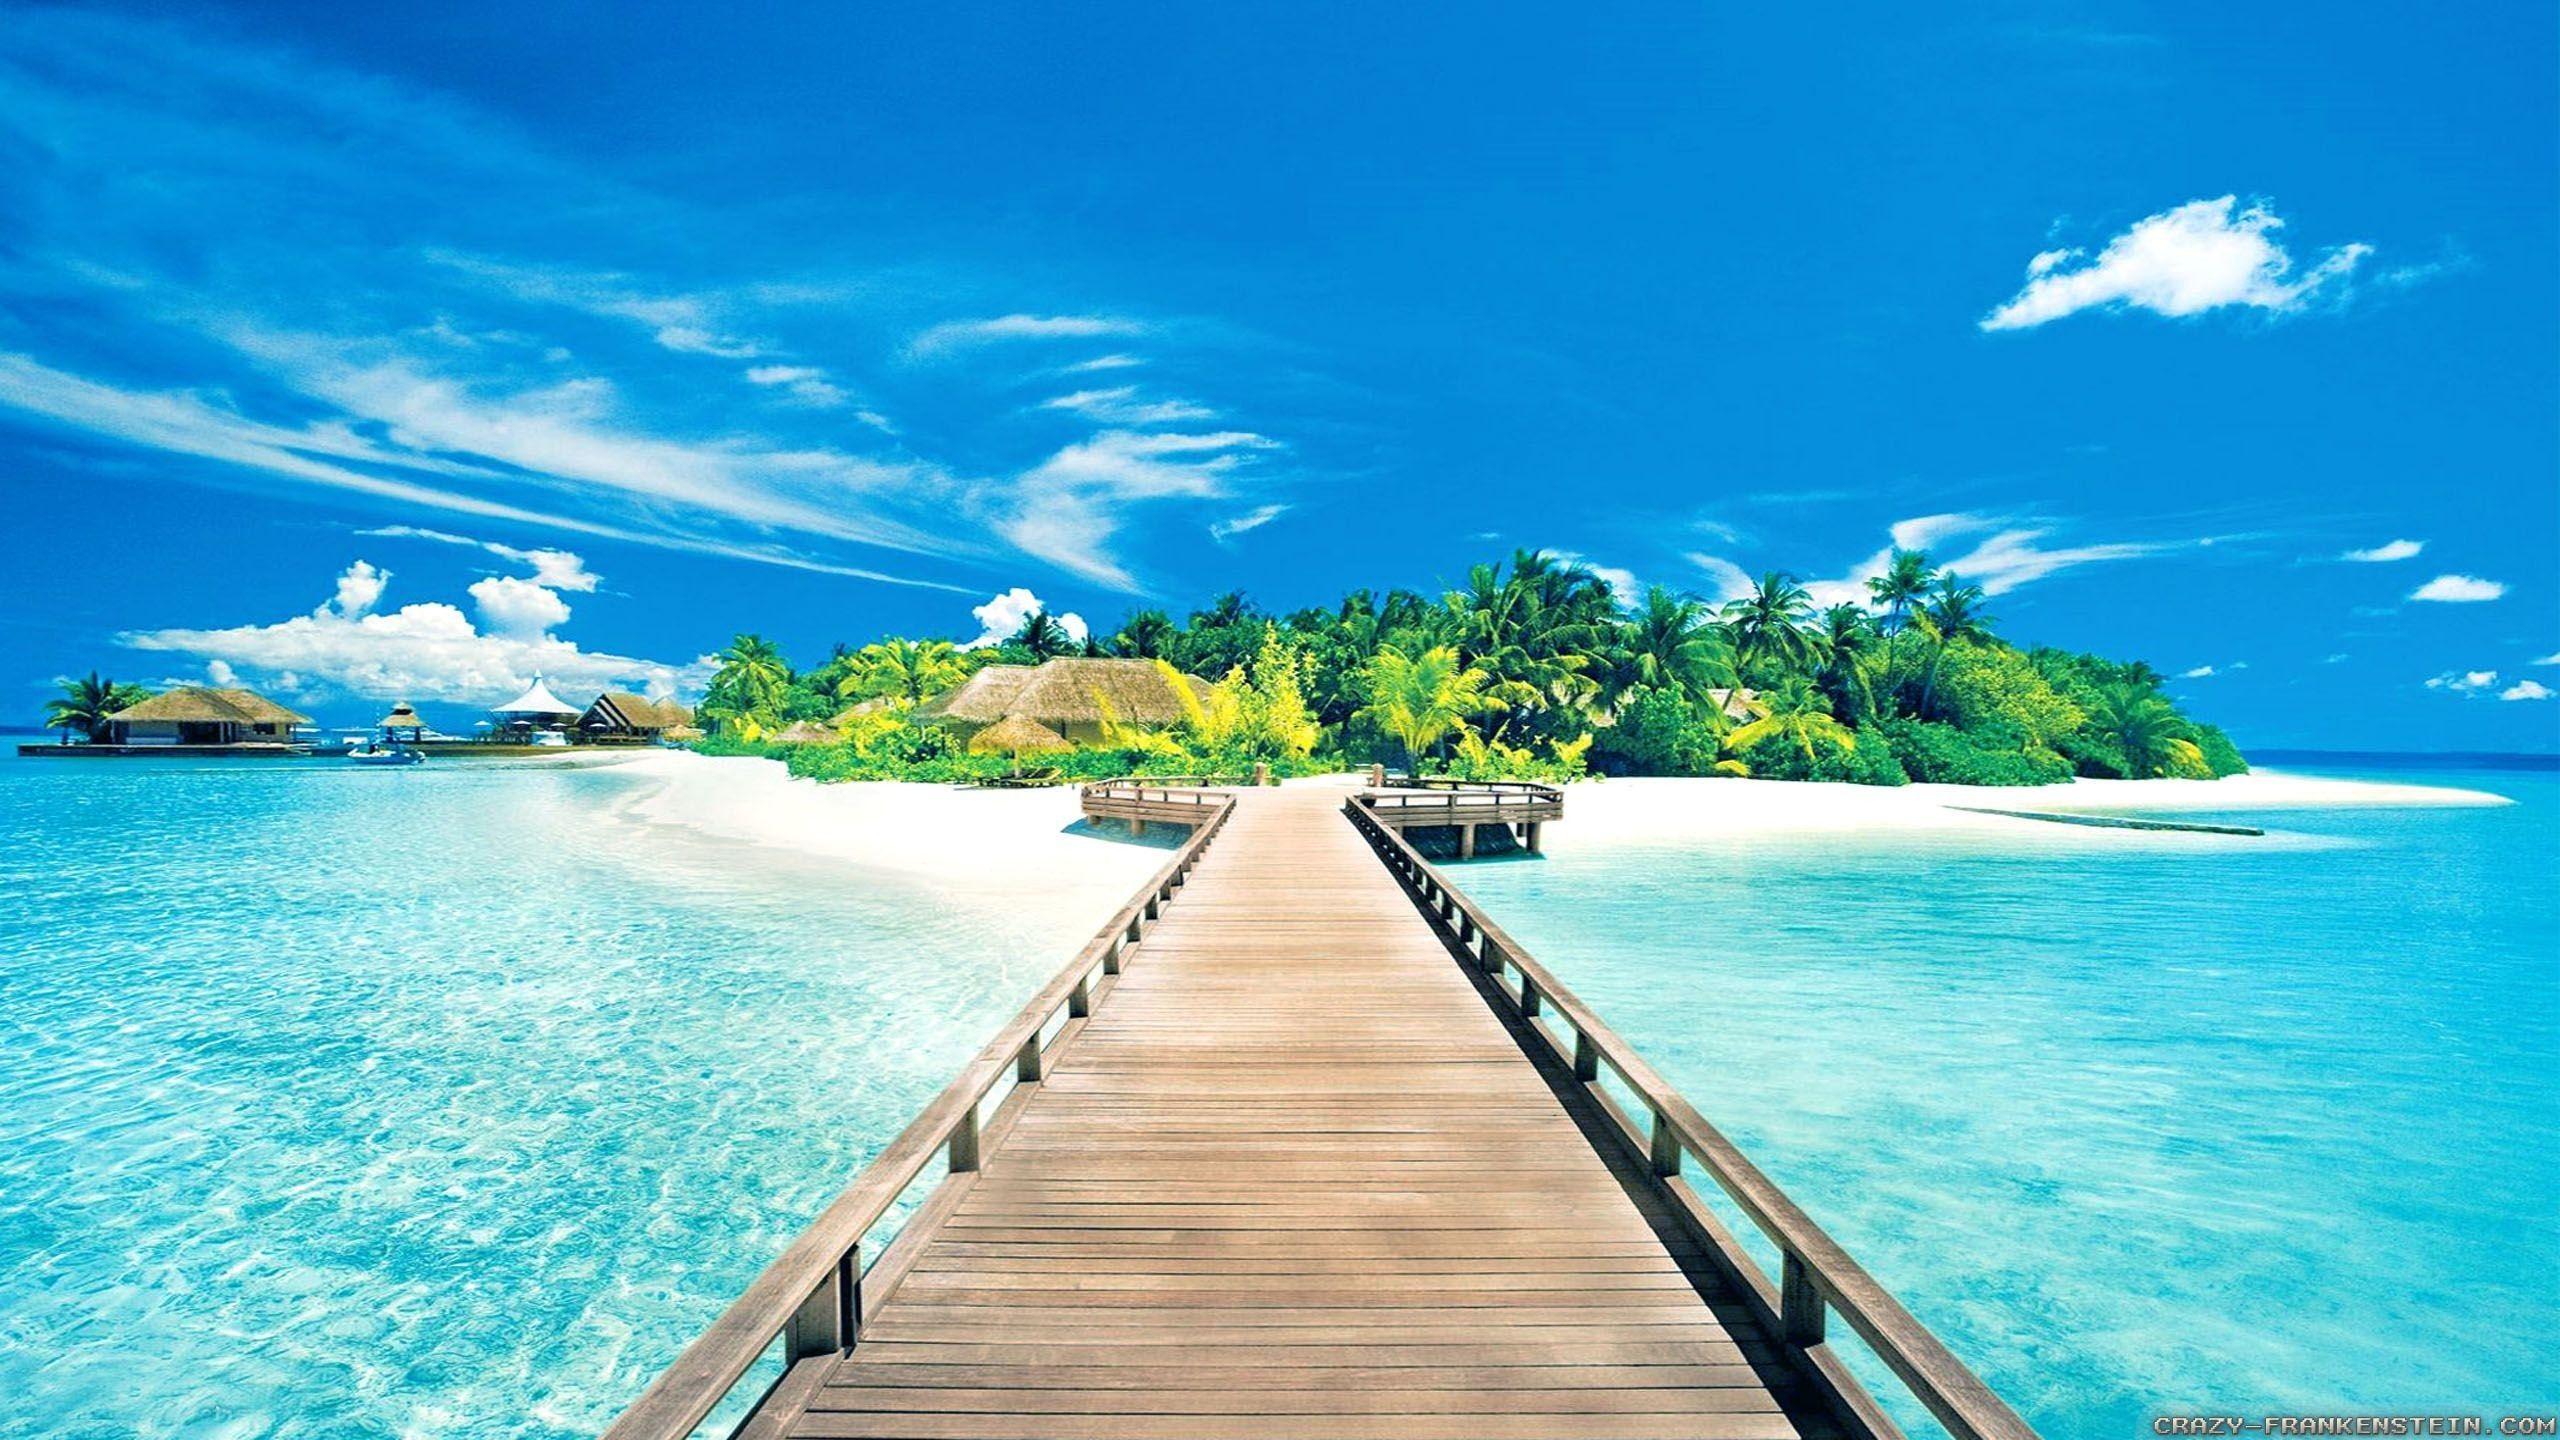 New Best Beach Desktop Backgrounds Wallpaper Pantai Foto Pantai Pemandangan